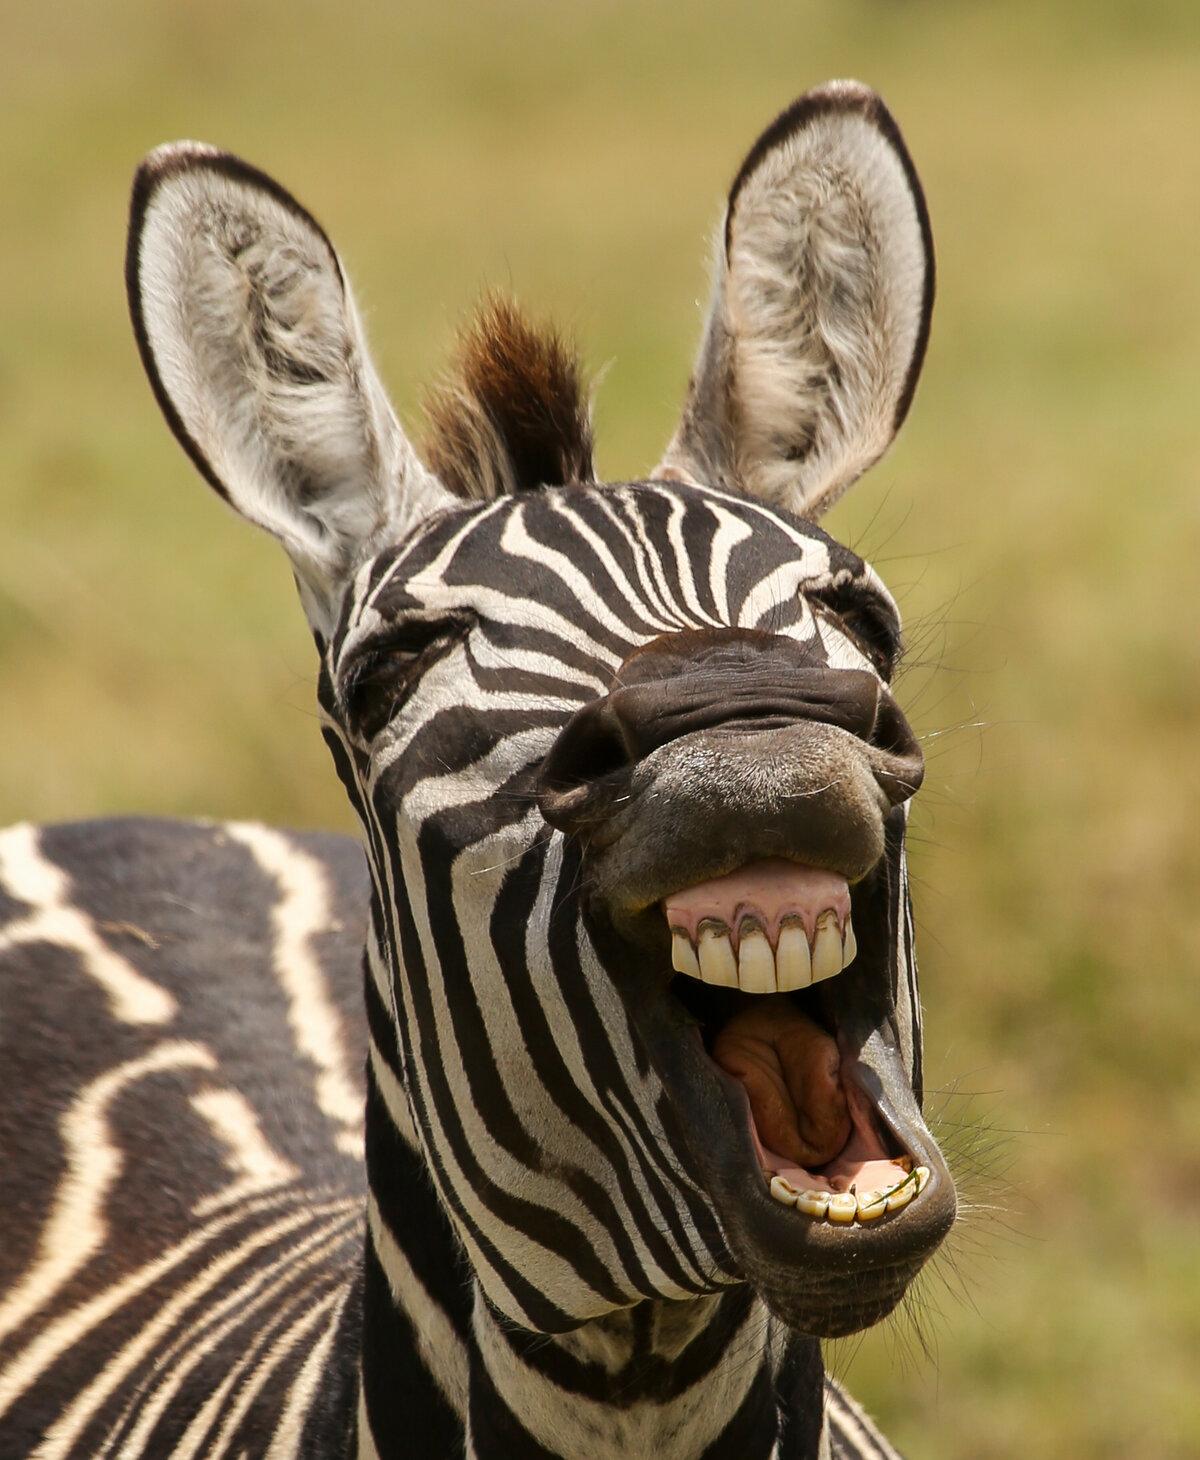 Смотреть прикольные картинки о животных, добрым утром мужчине